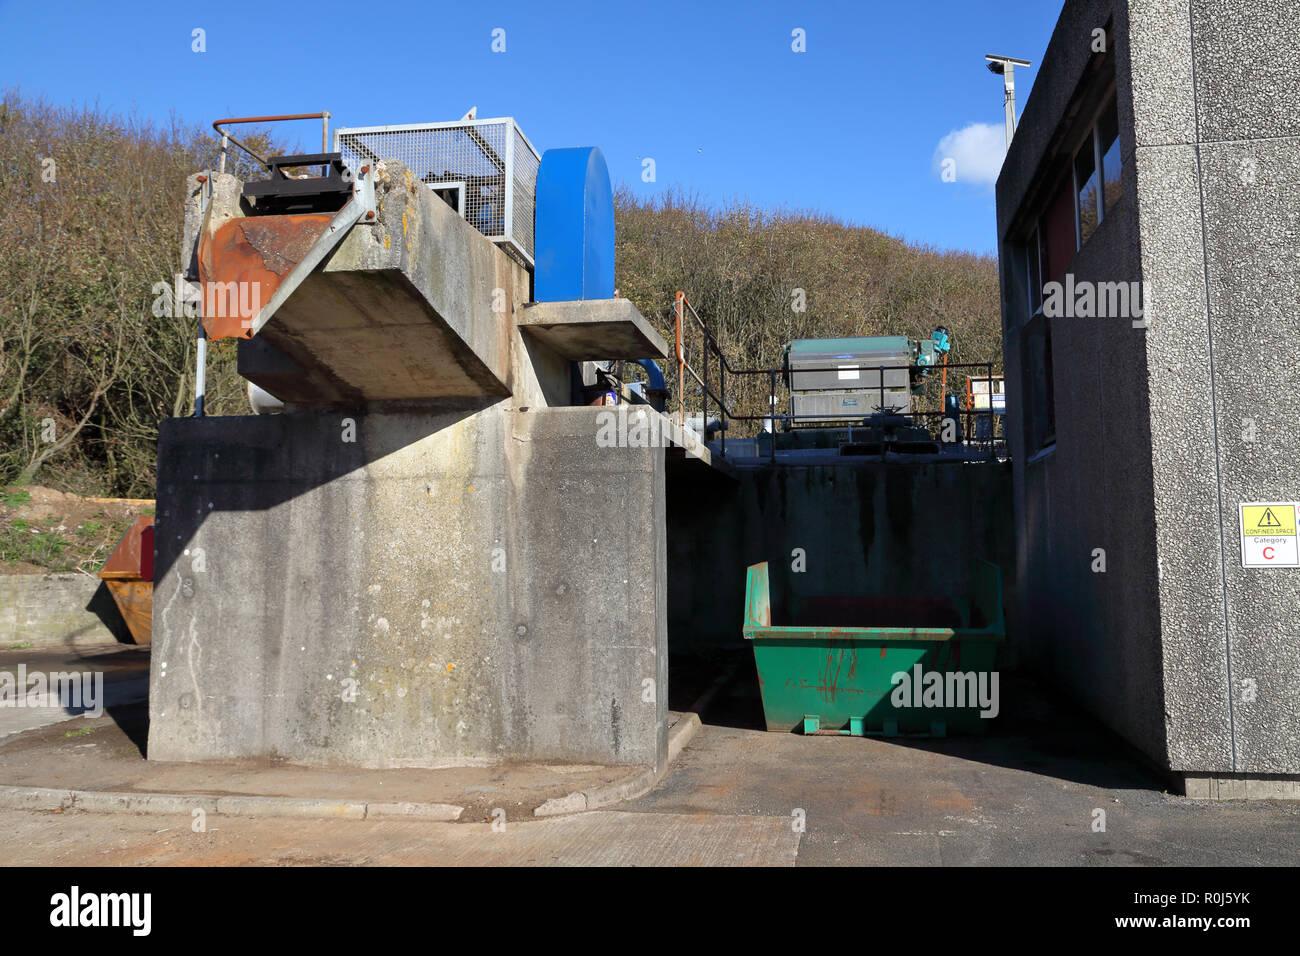 Il luogo dove il primo filtraggio grossolano di liquame in entrata e il rifiuto di incurabile gli elementi che devono essere riempite di terra. Immagini Stock